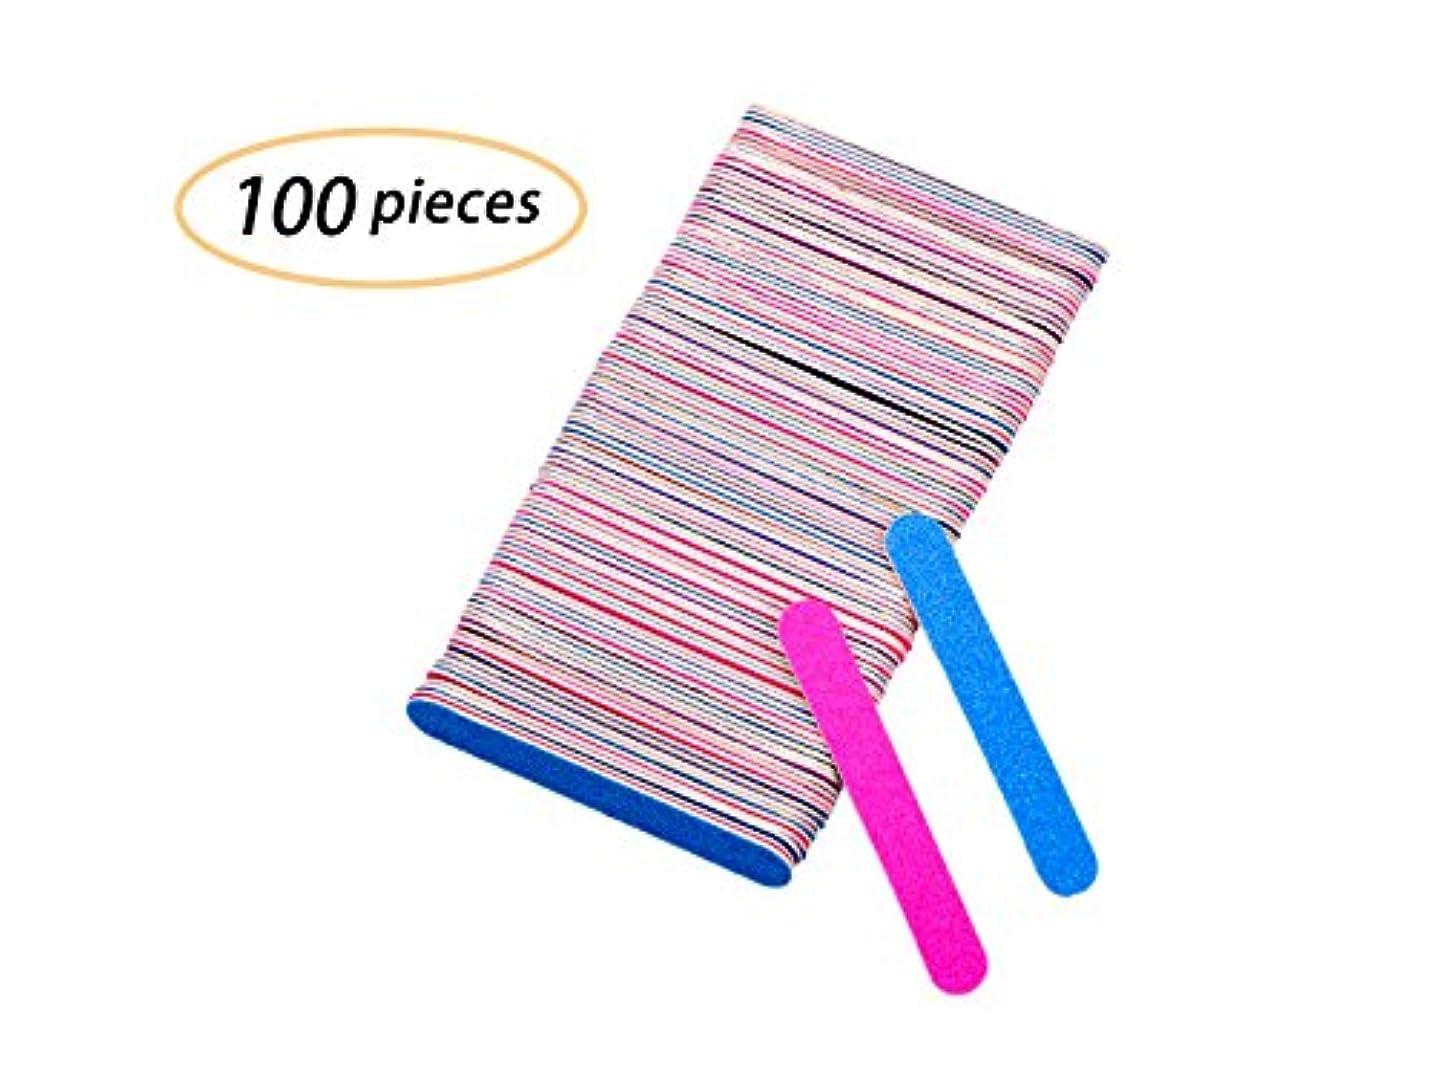 冊子に付けるアイザックYolito 100pcs ネイルファイル エメリーボード 爪やすり使い捨て 爪磨き両面 ジェルネイル/自爪(180、240グリット)